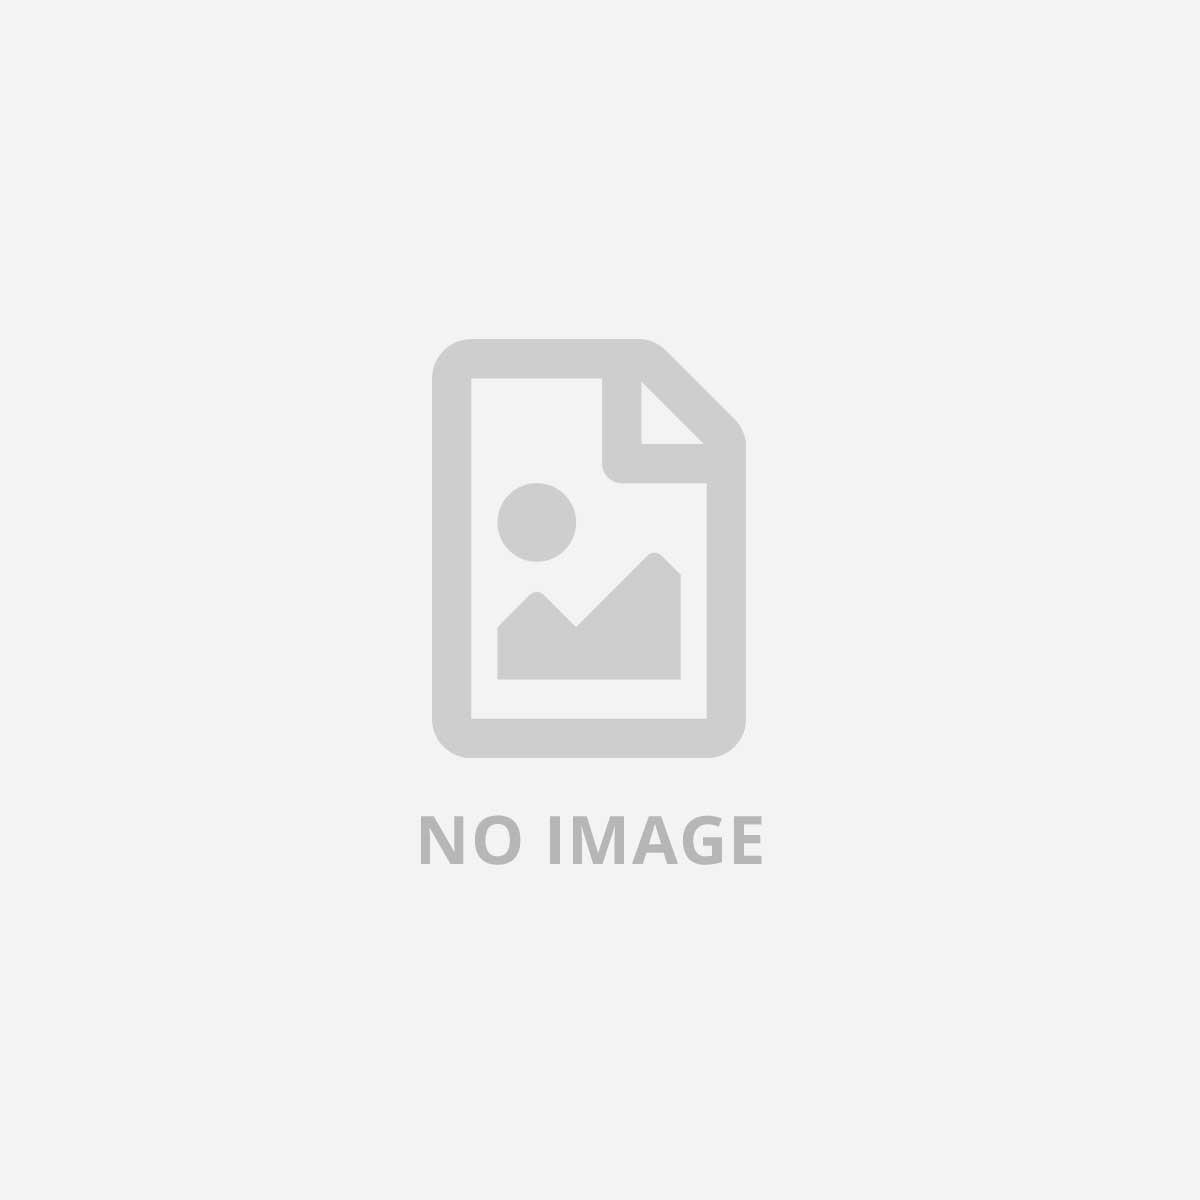 LIGRA BOX CON CHIUSURA X PC